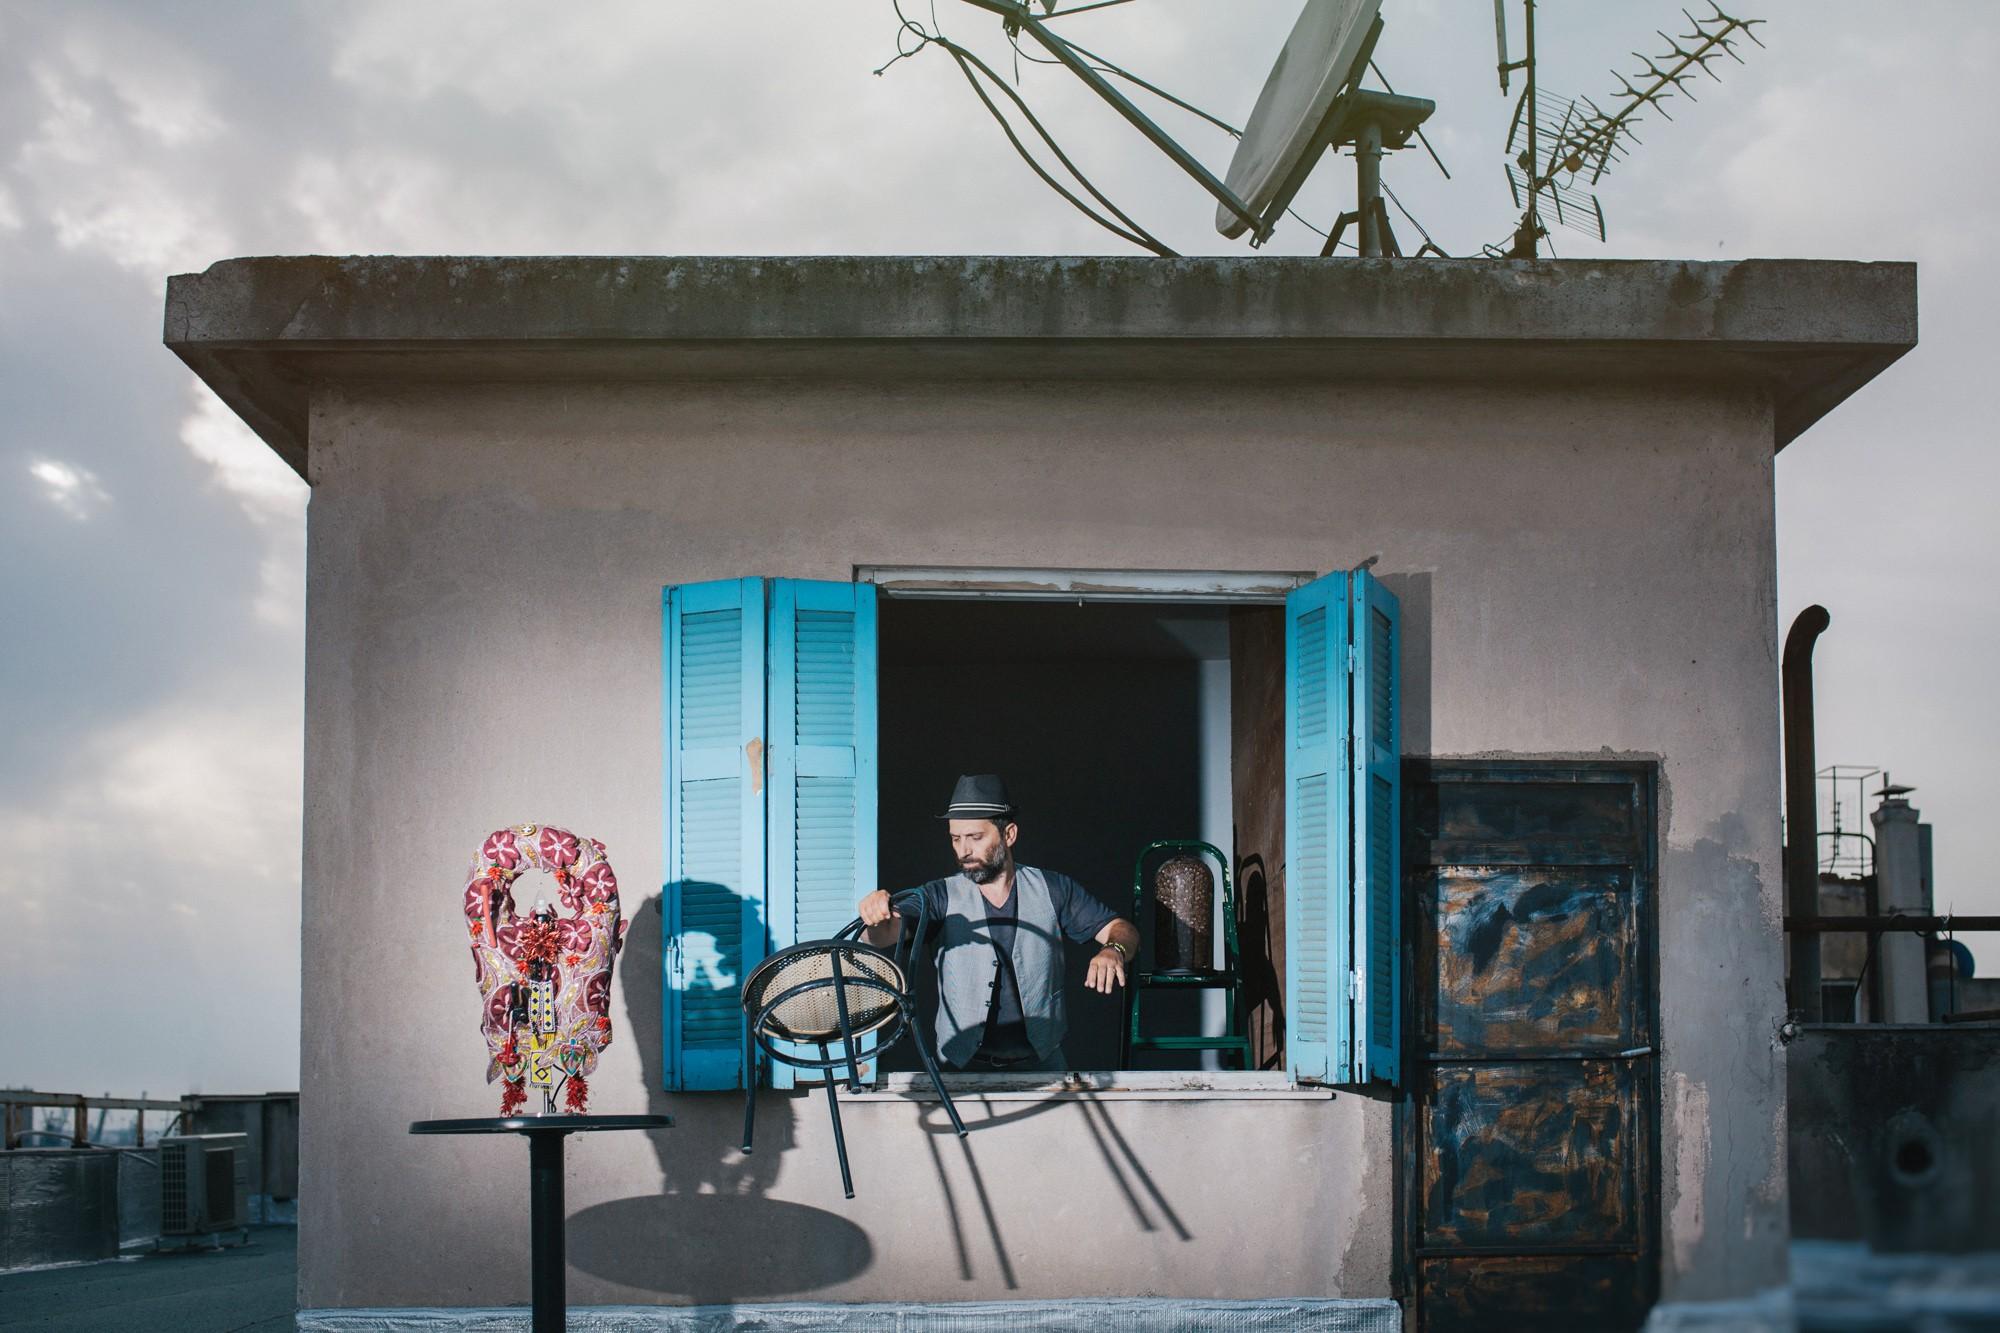 Επαγγελματικές Φωτογραφίες Πορτραίτου | Μάριος Ελευθεριάδης